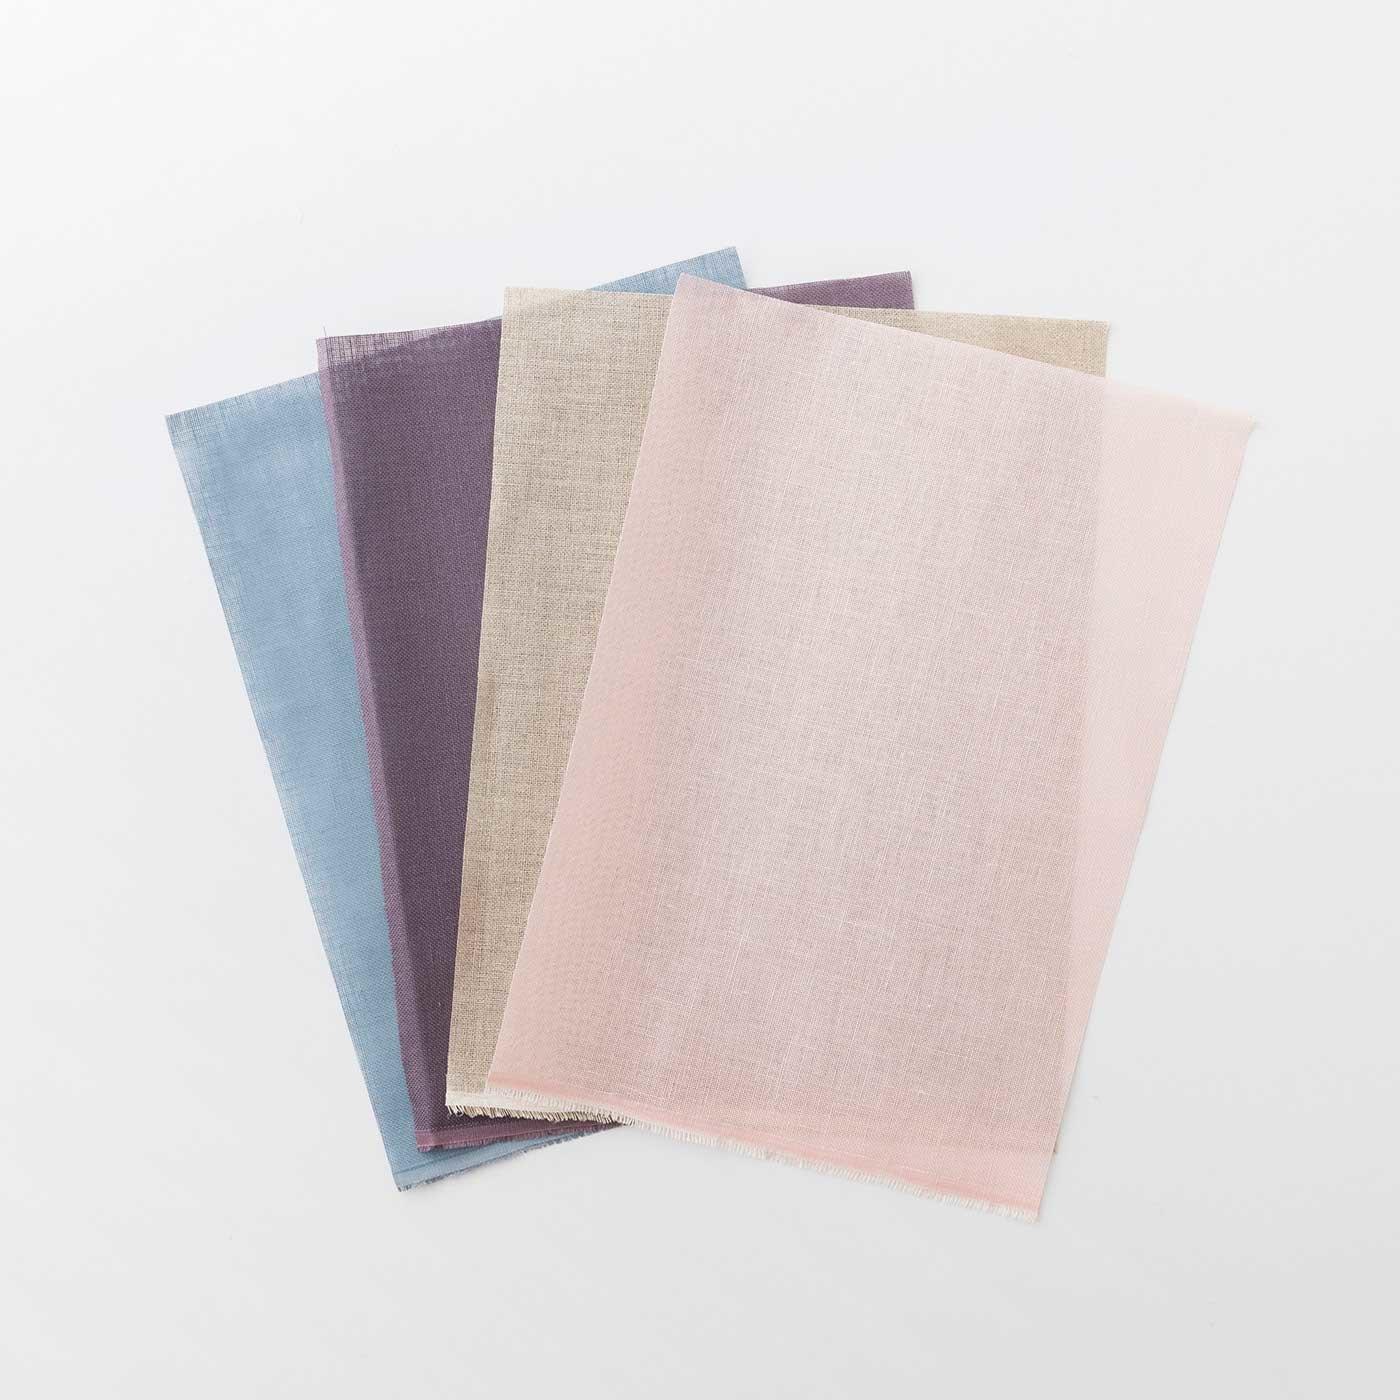 カラーリングが美しい リネンの刺しゅう布 4色セット